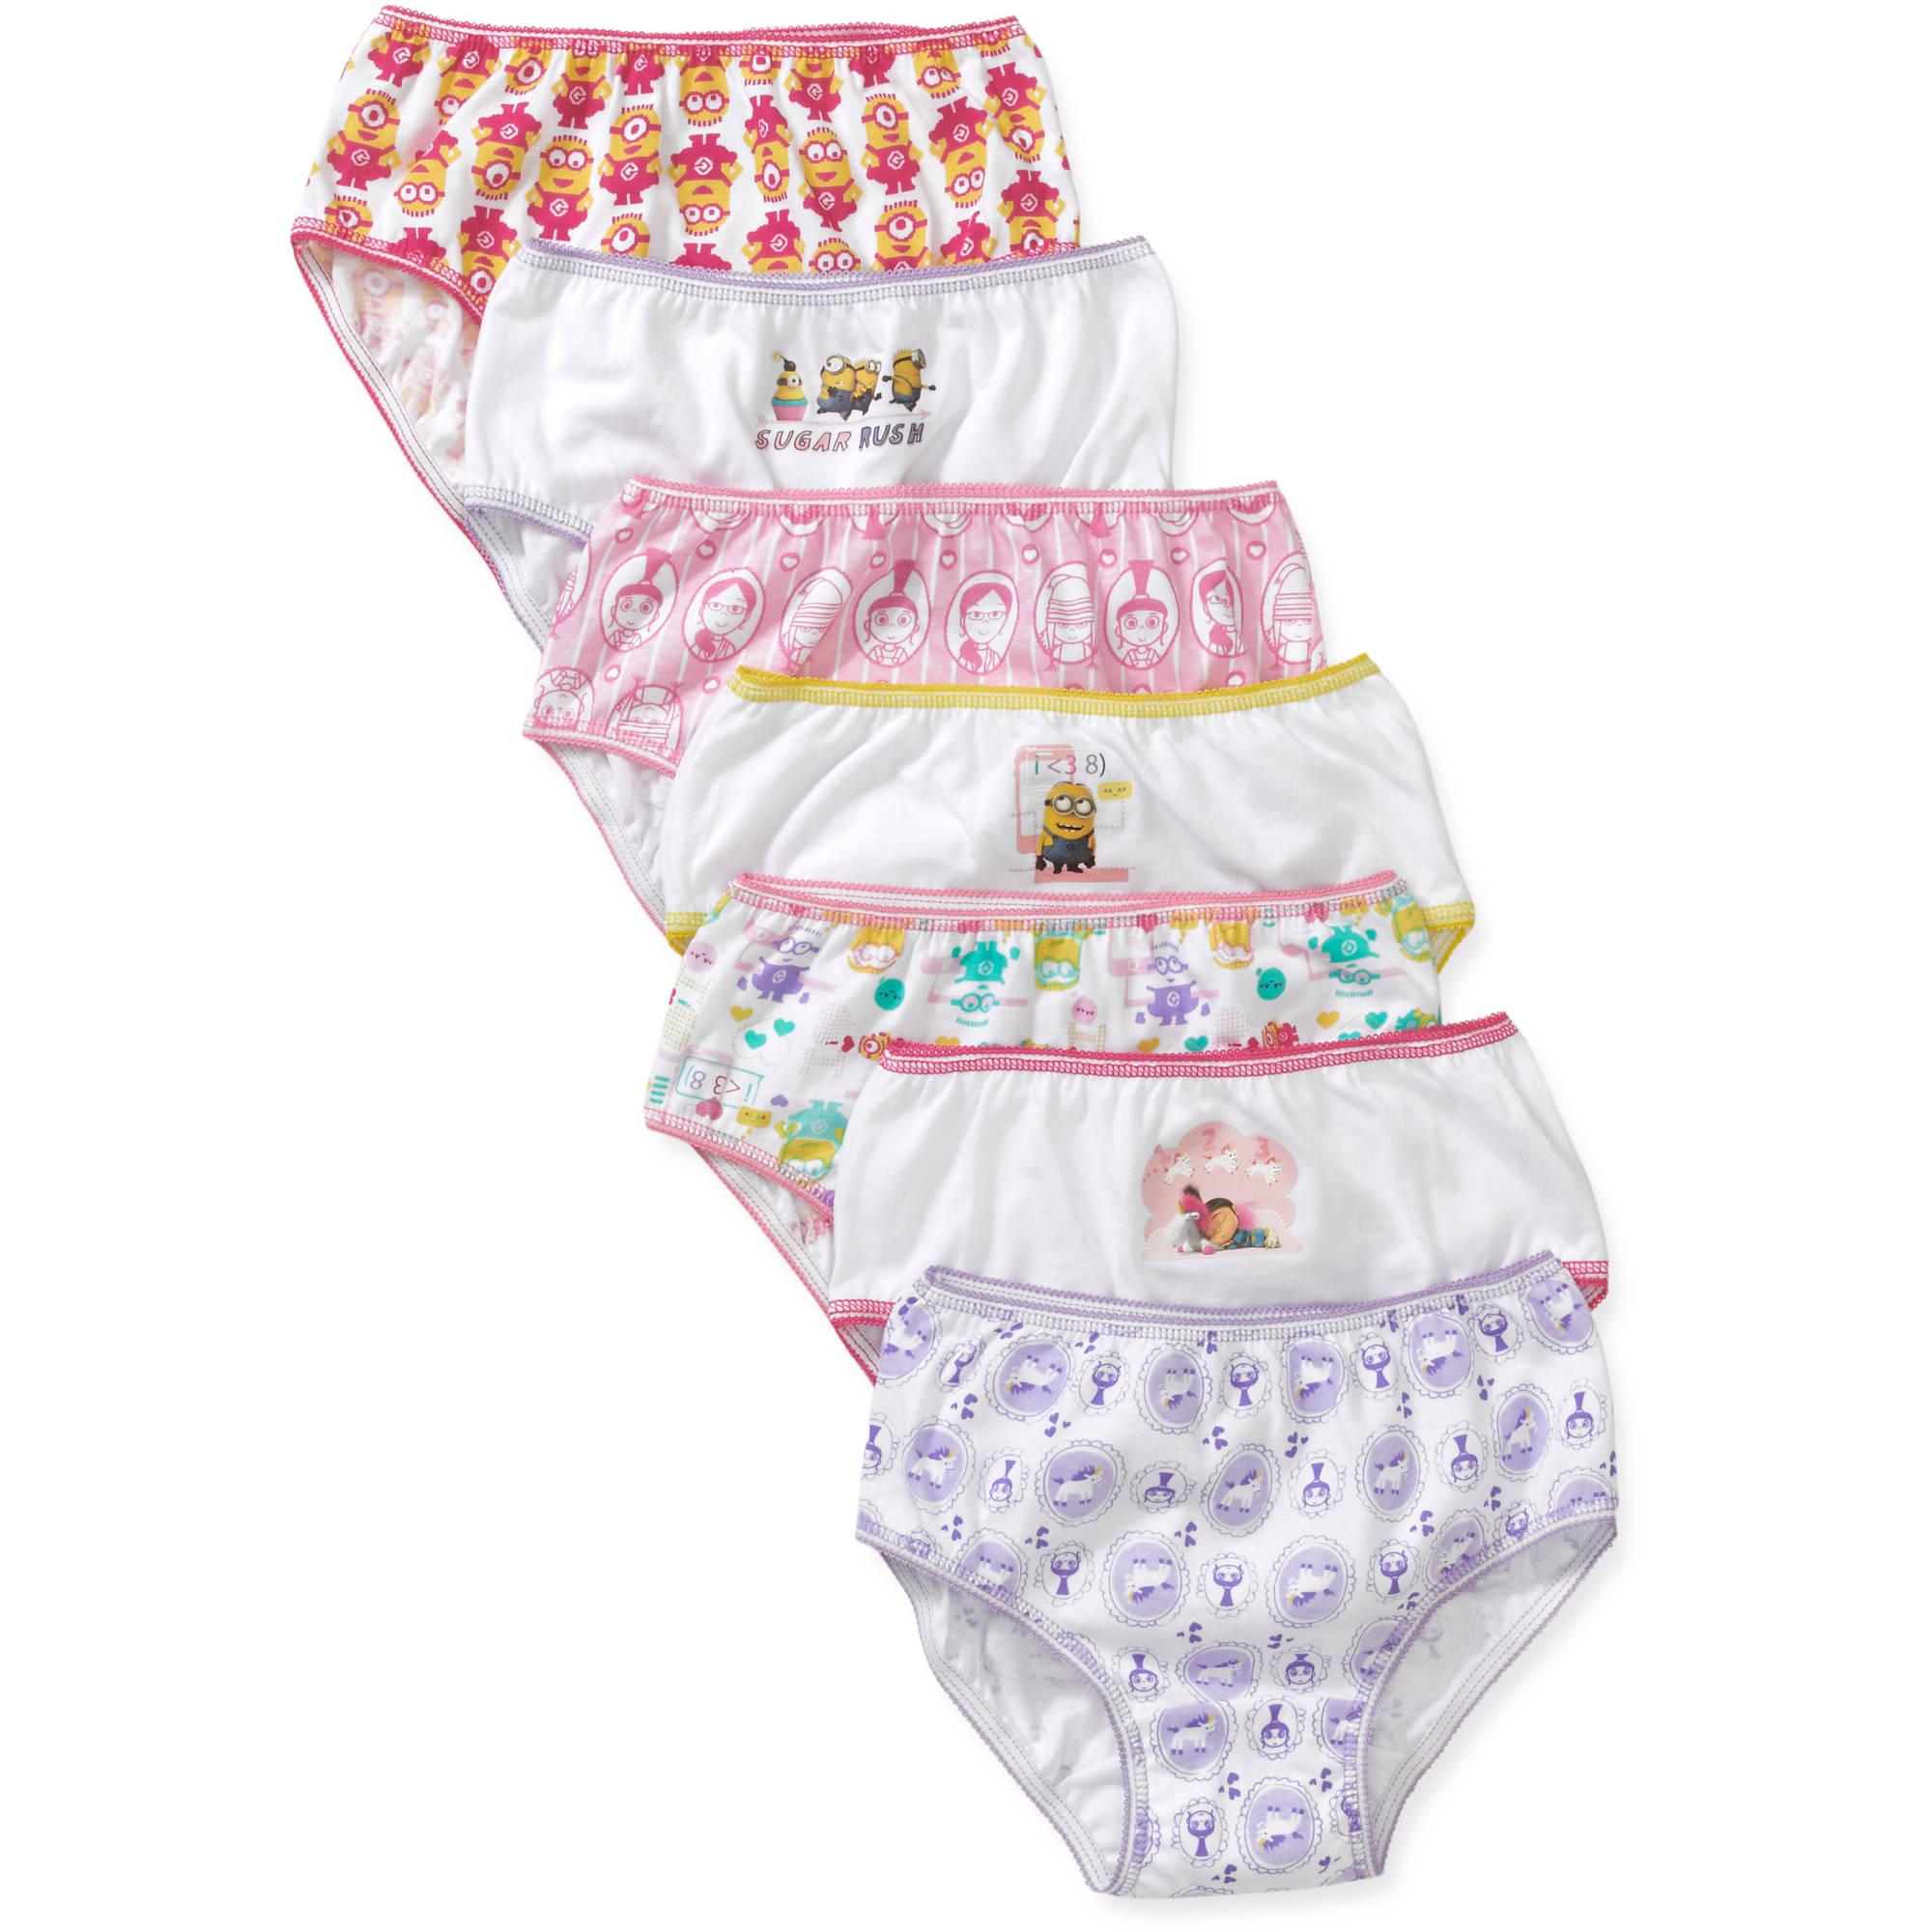 Handcraft Children's Apparel Despicable Me Girls' Underwear 7 Pack